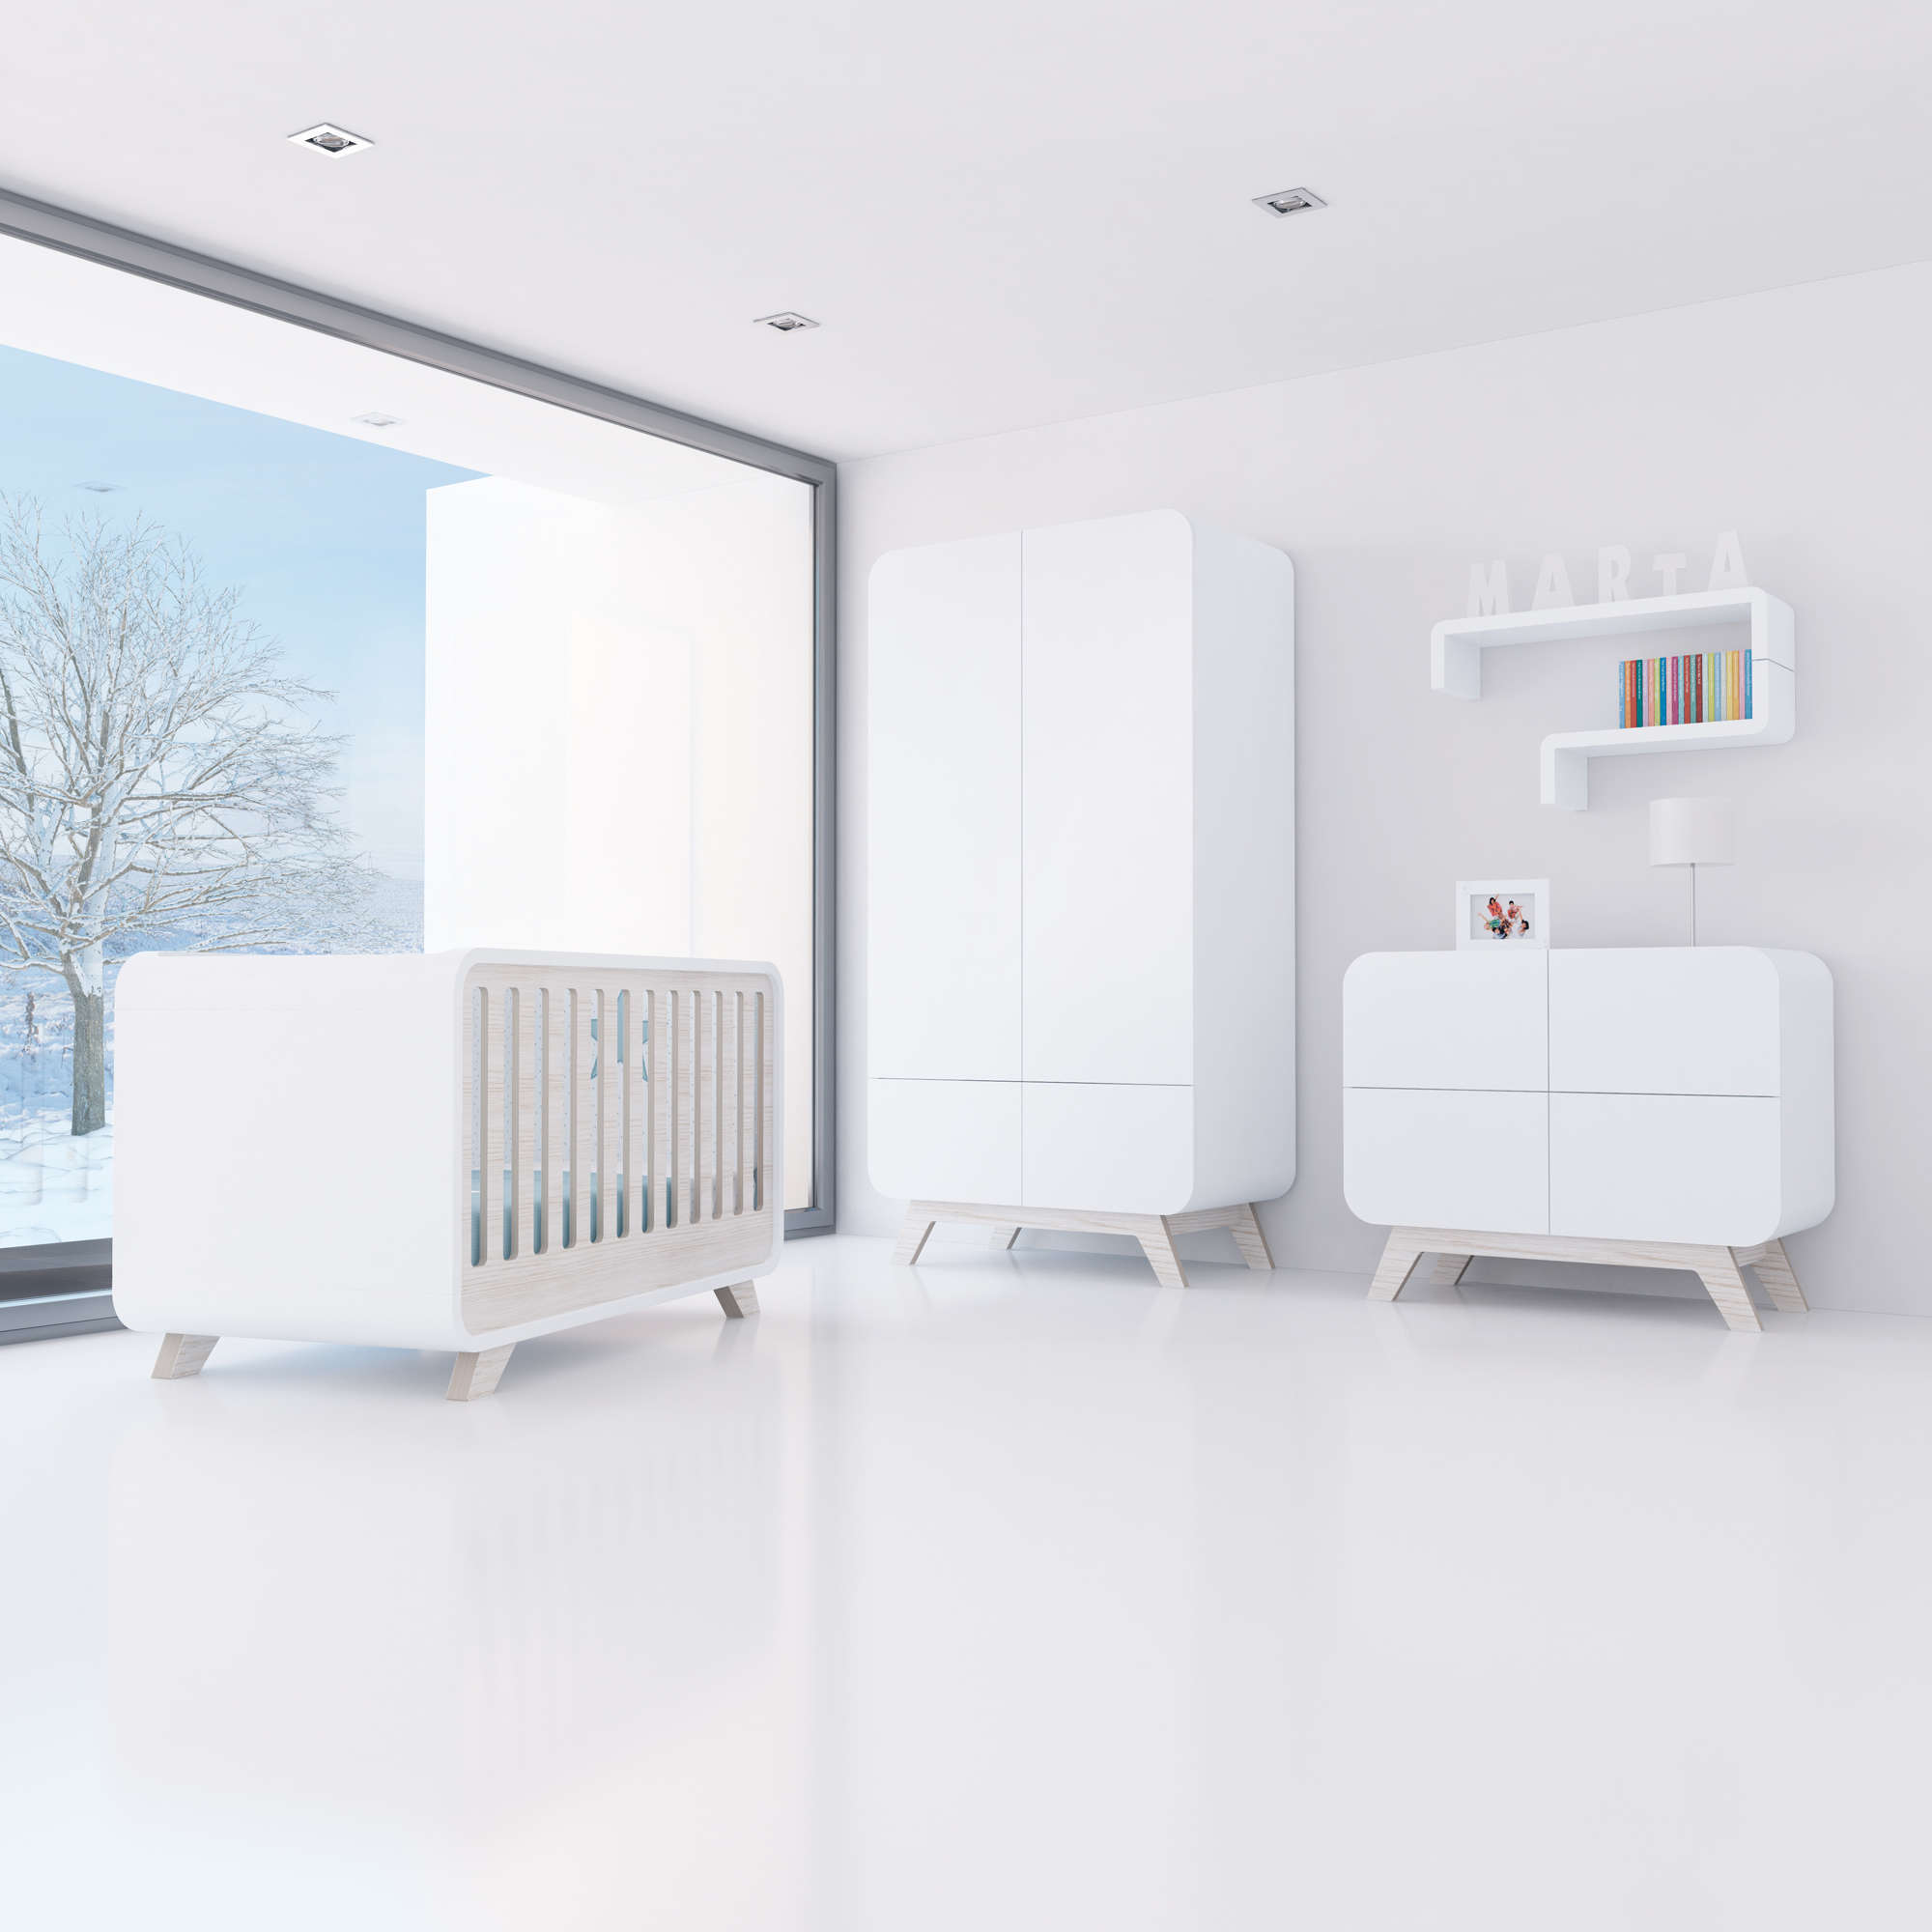 Habitación infantil de estilo nórdico con mobiliario de madera